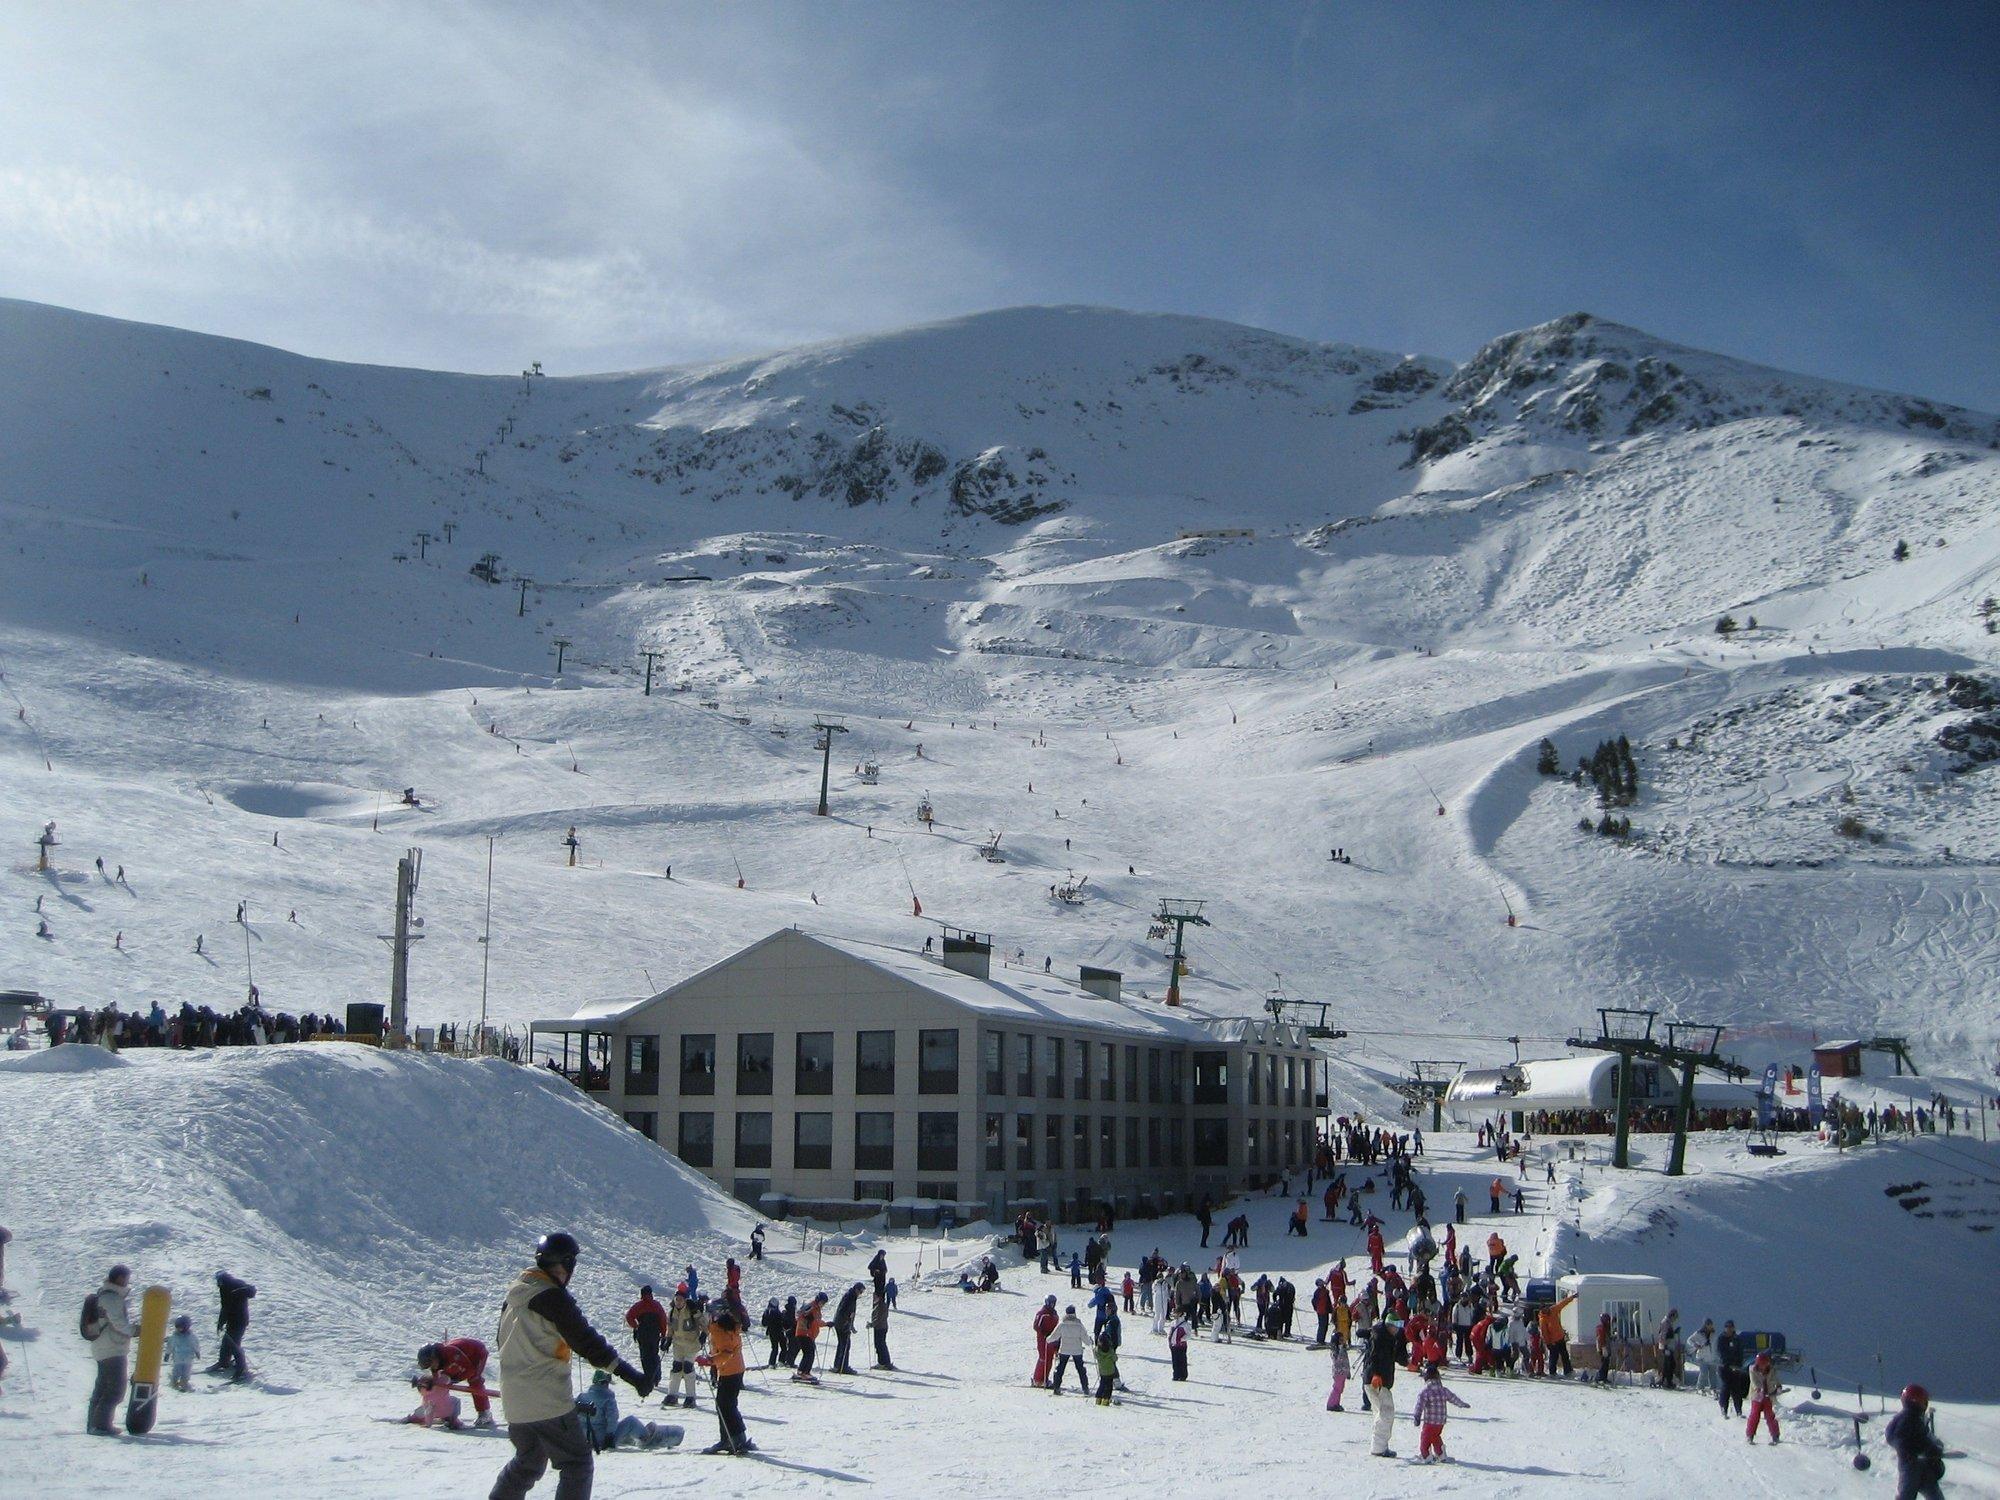 Valdezcaray prevé abrir este viernes 16 pistas de esquí con calidad de nieve primavera